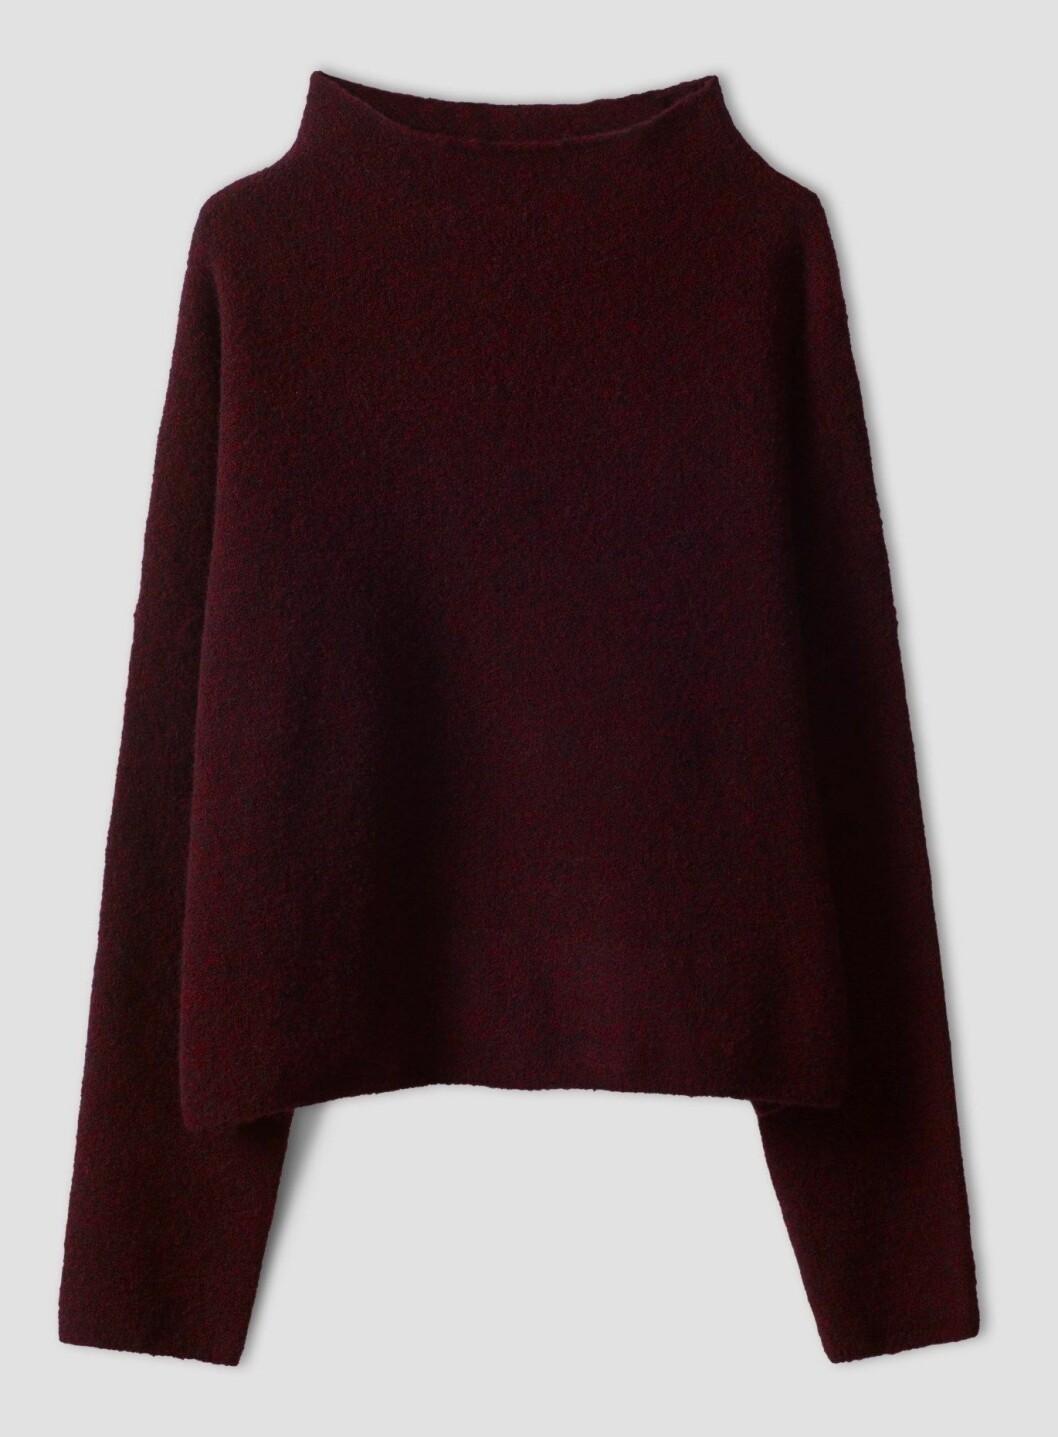 vinröd tröja från Filippa K